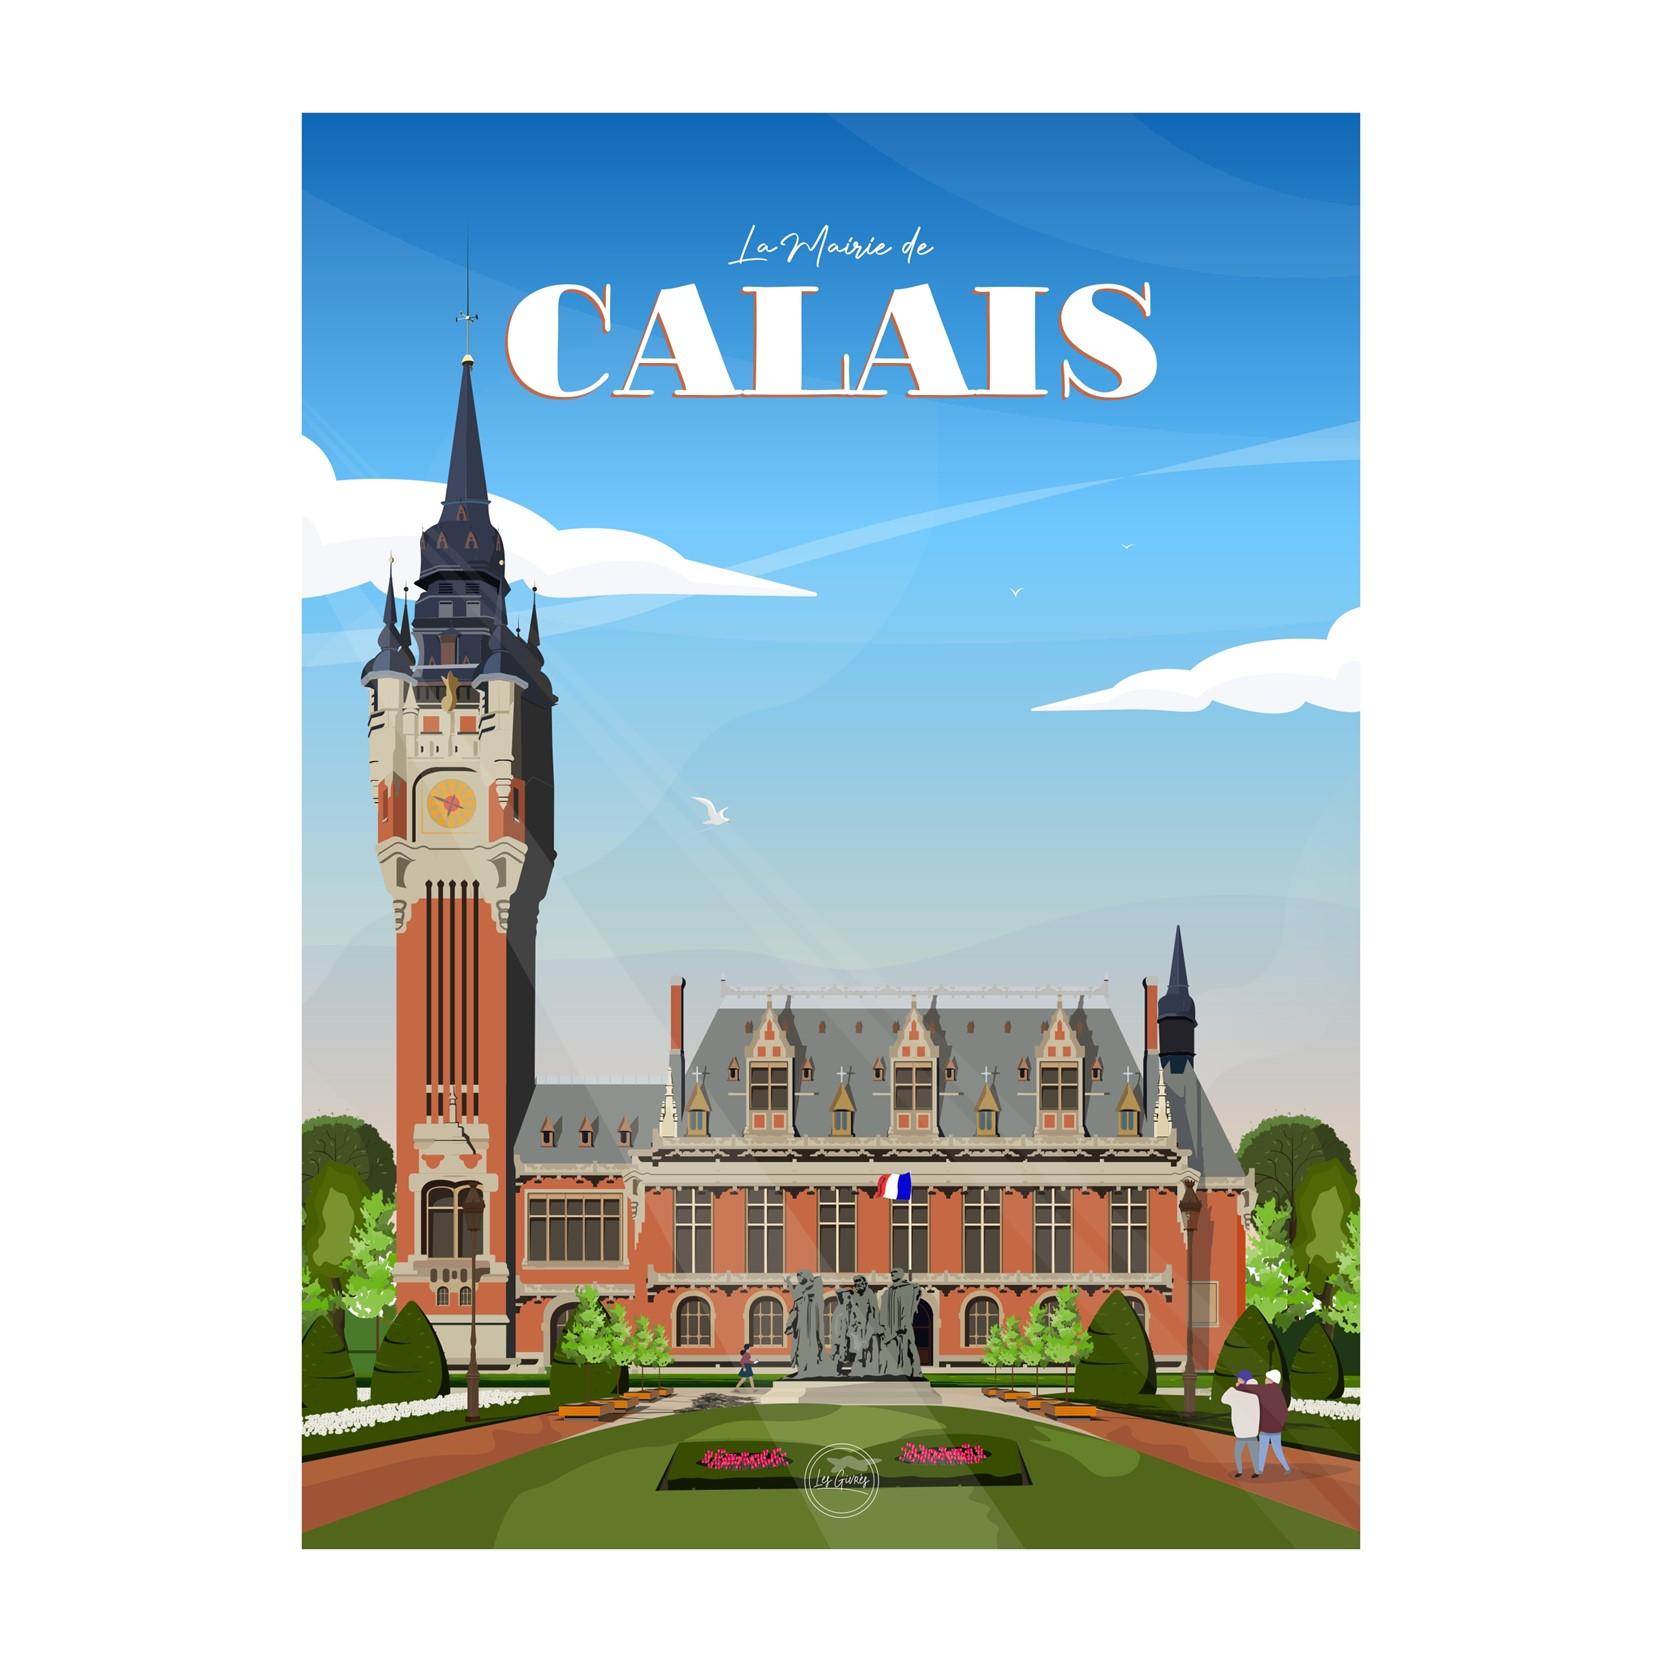 CALAIS - LA MAIRIE